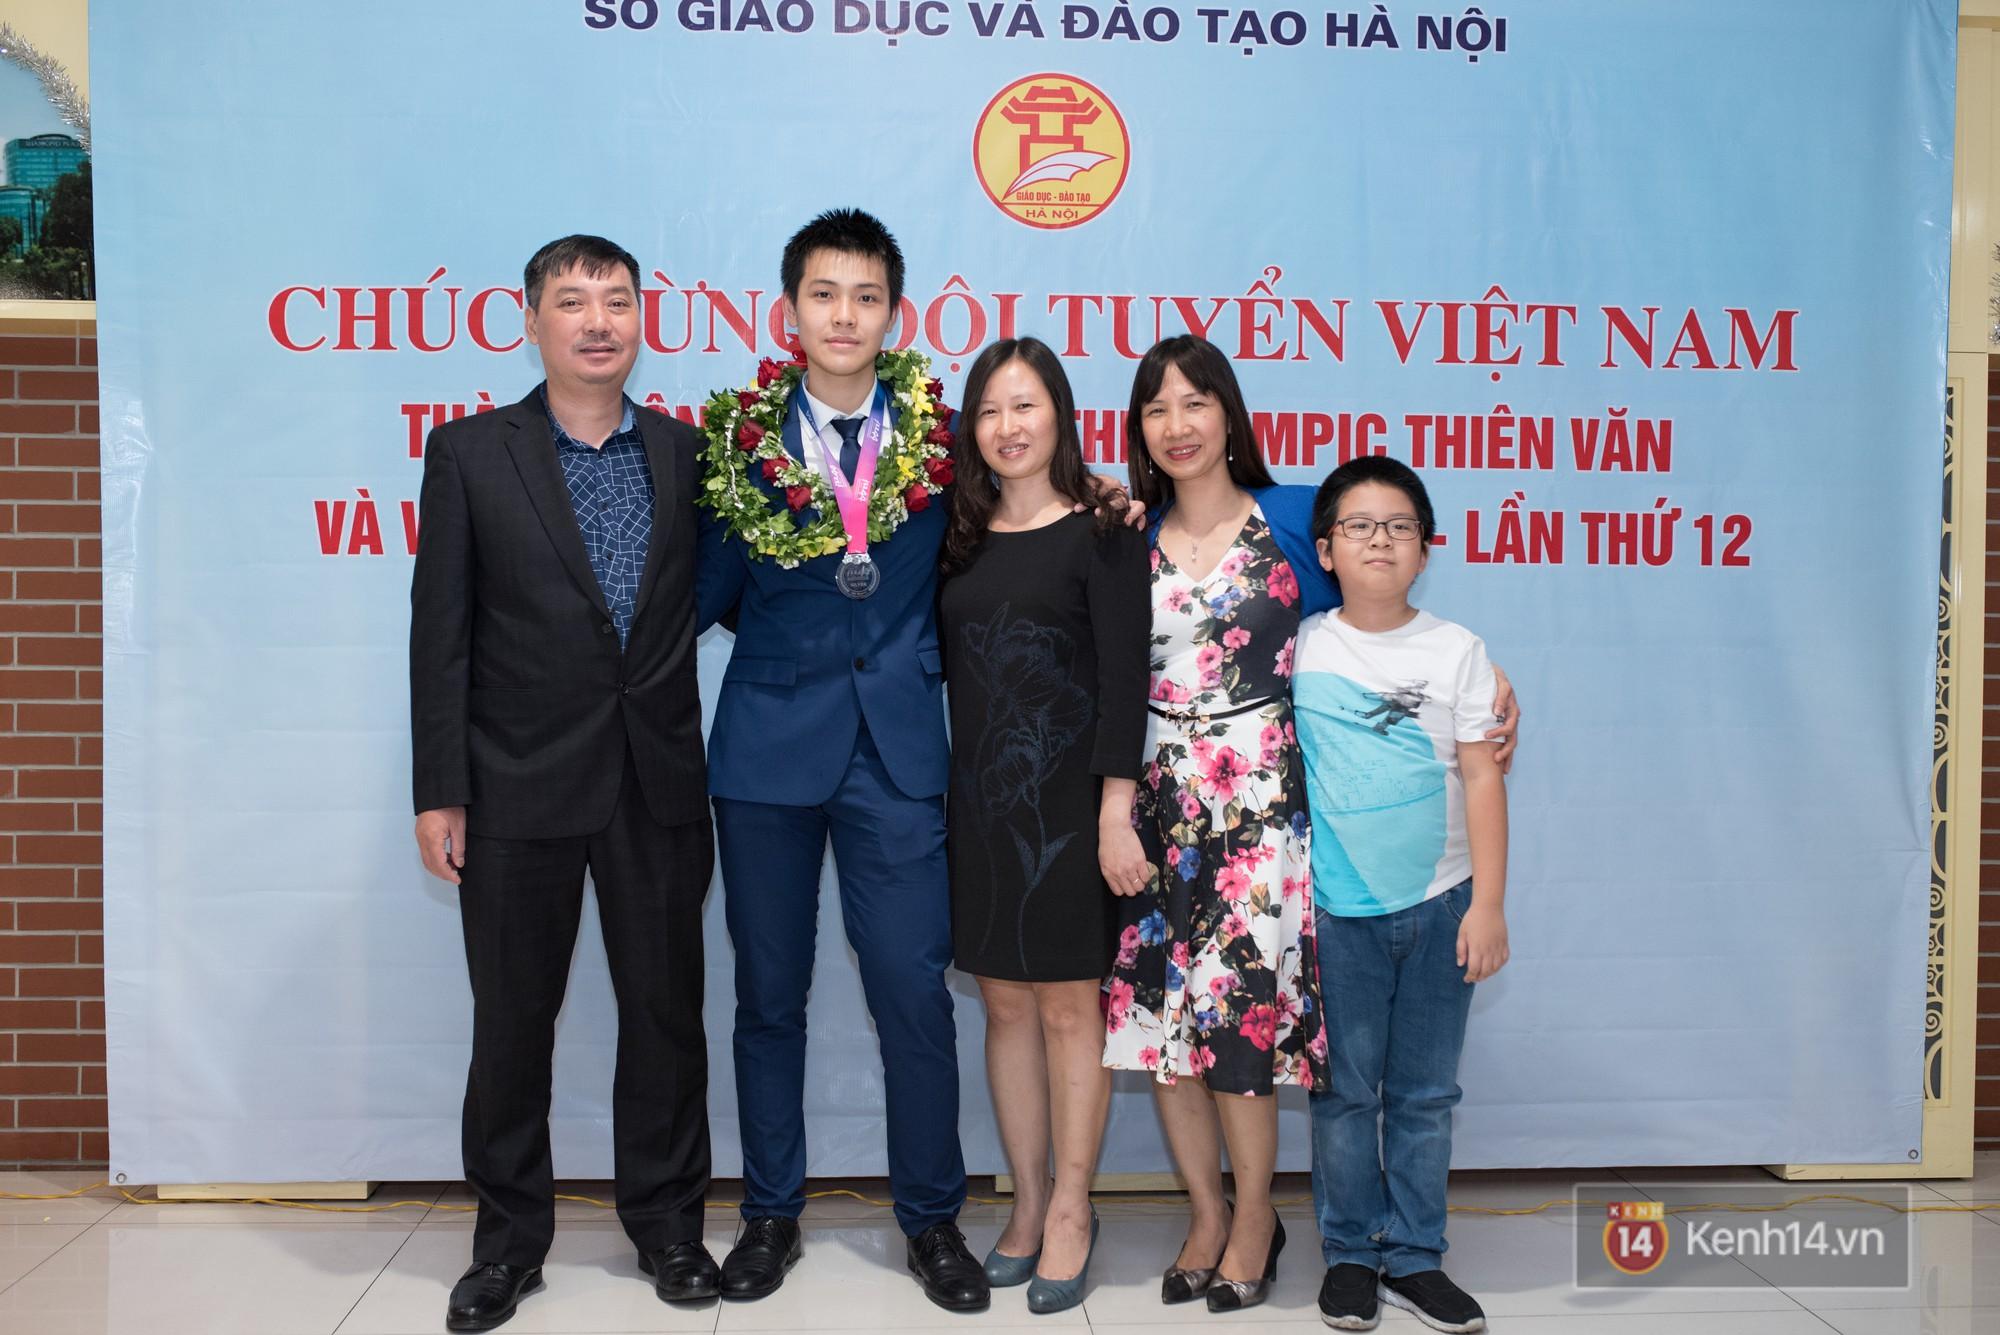 Thí sinh Hồ Phi Dũng giành Huy chương Bạc Olympic Thiên văn học và Vật lý thiên văn quốc tế 2018 - 3